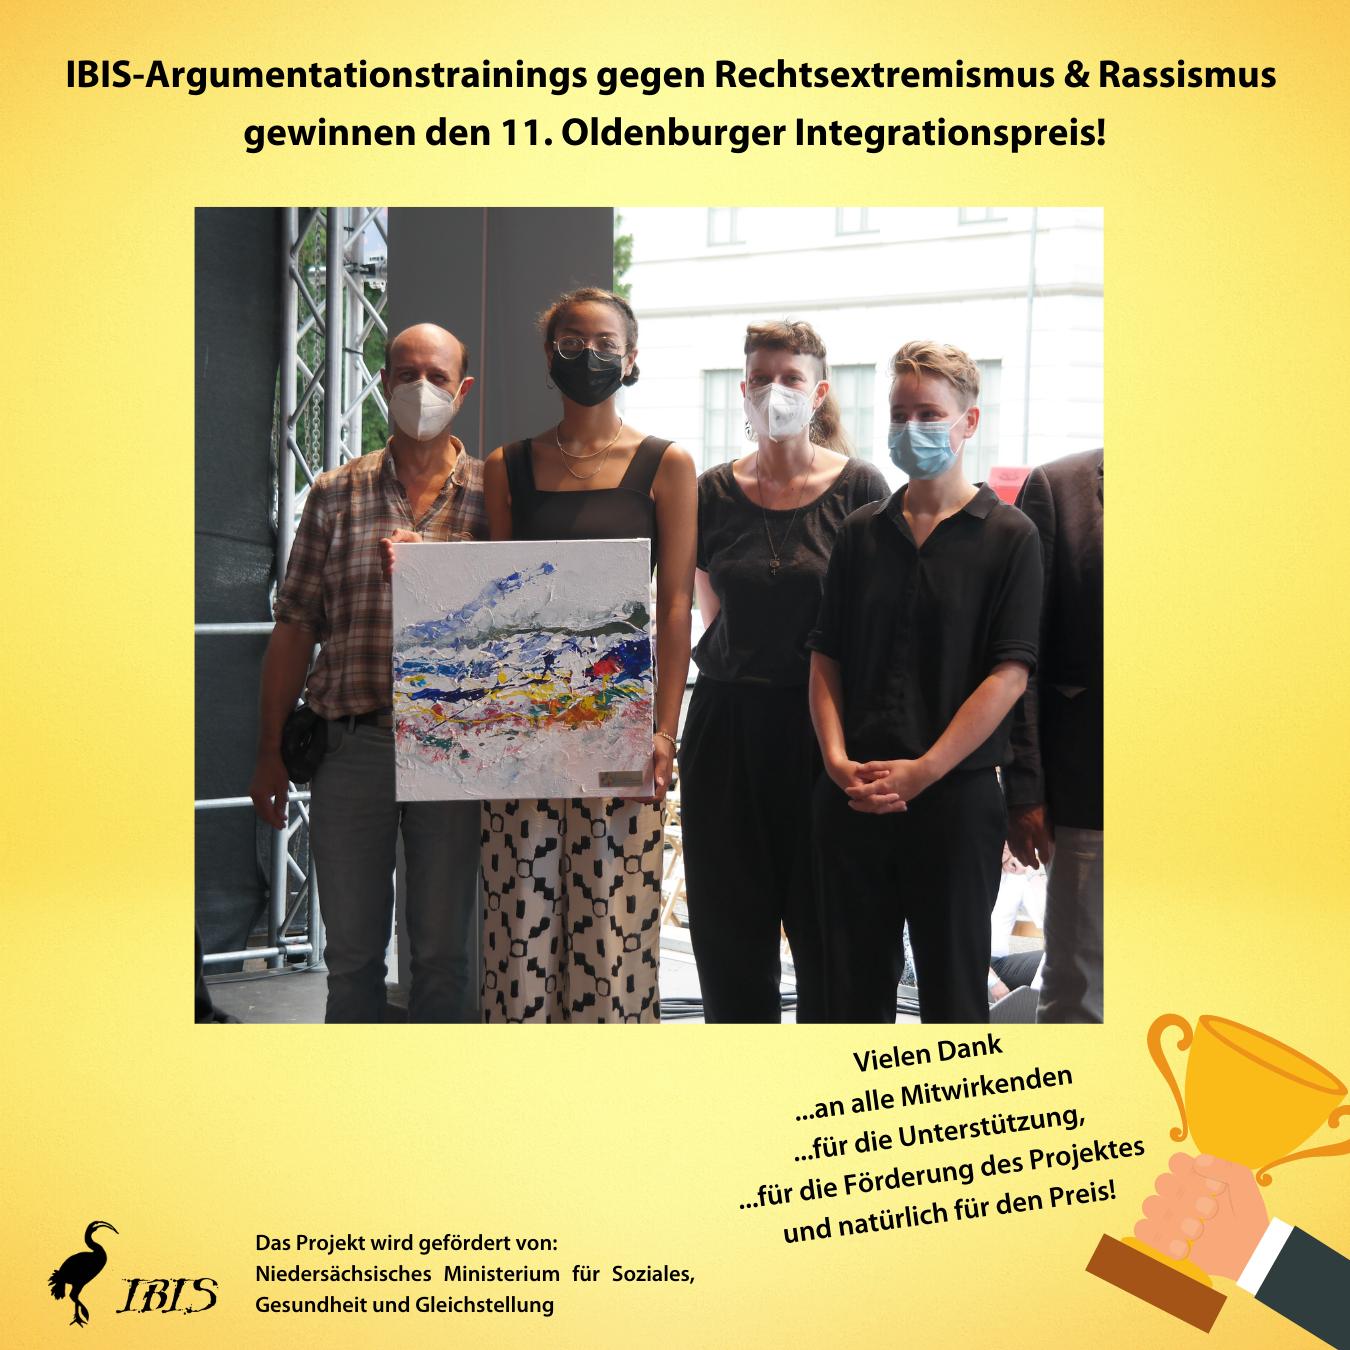 Kopie Von HP IBIS Argumentationstrainings Gewinnen Den Integrationspreis 2020!